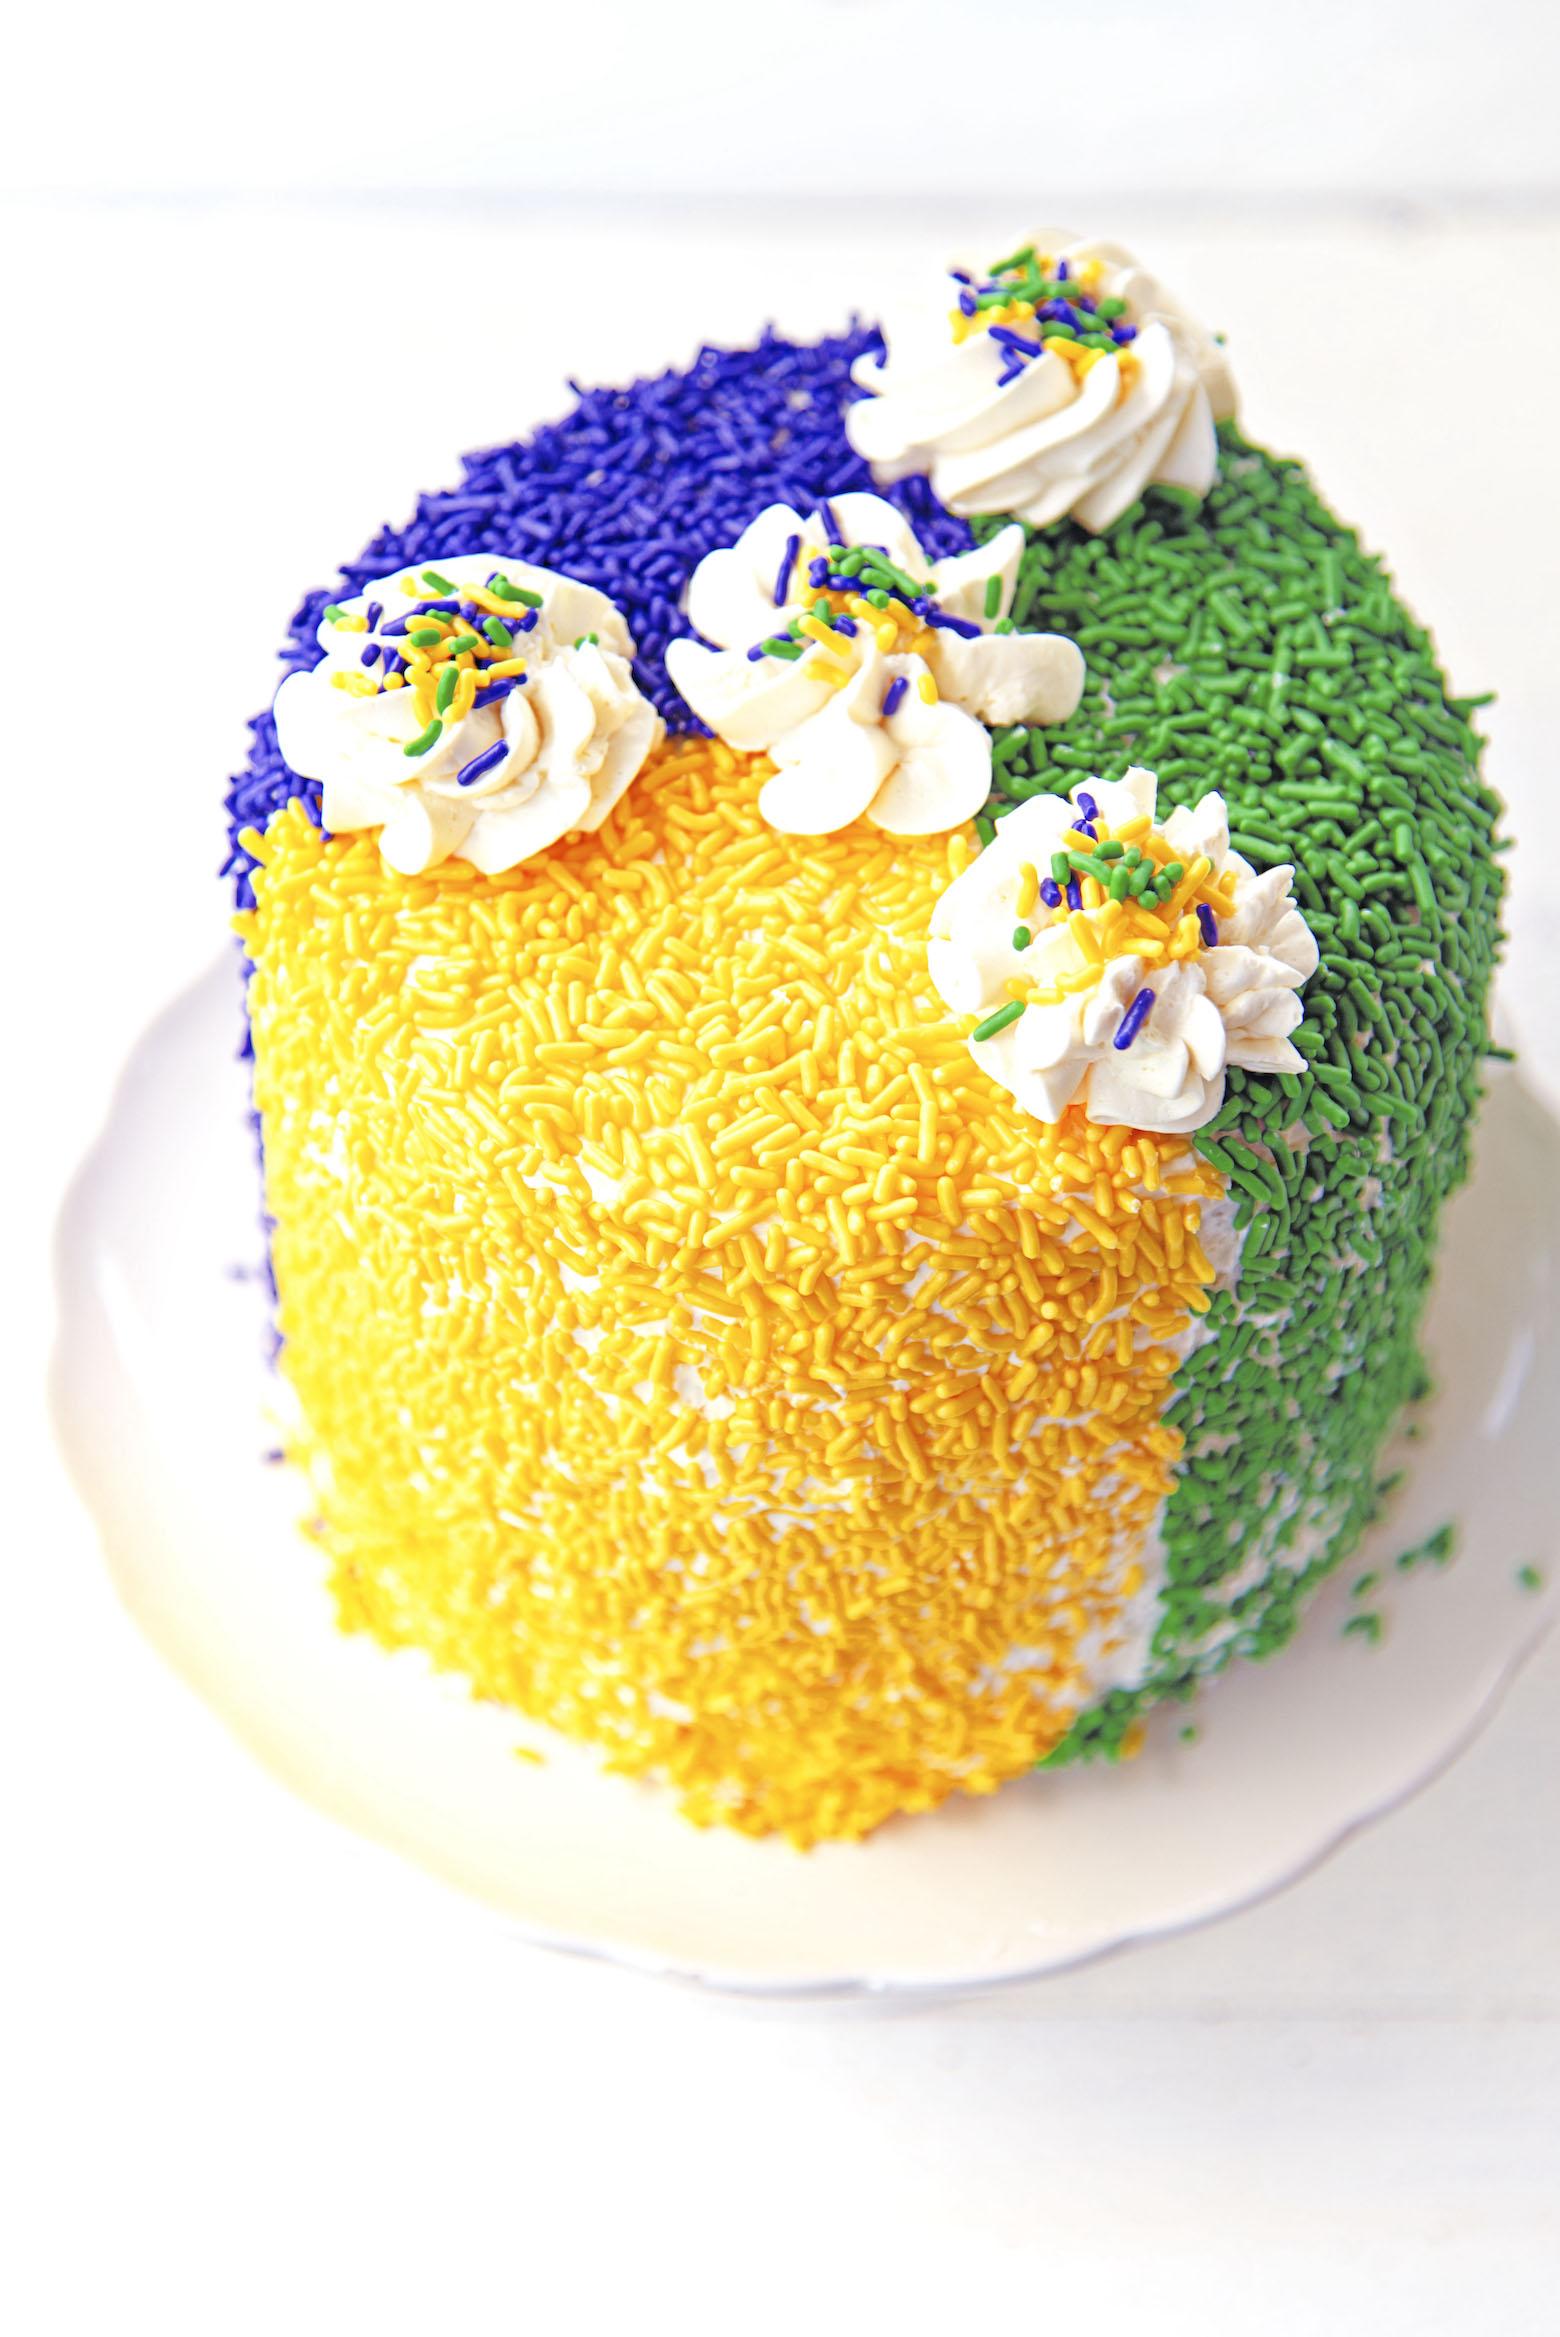 Full King Cake Layer Cake from overhead shot.